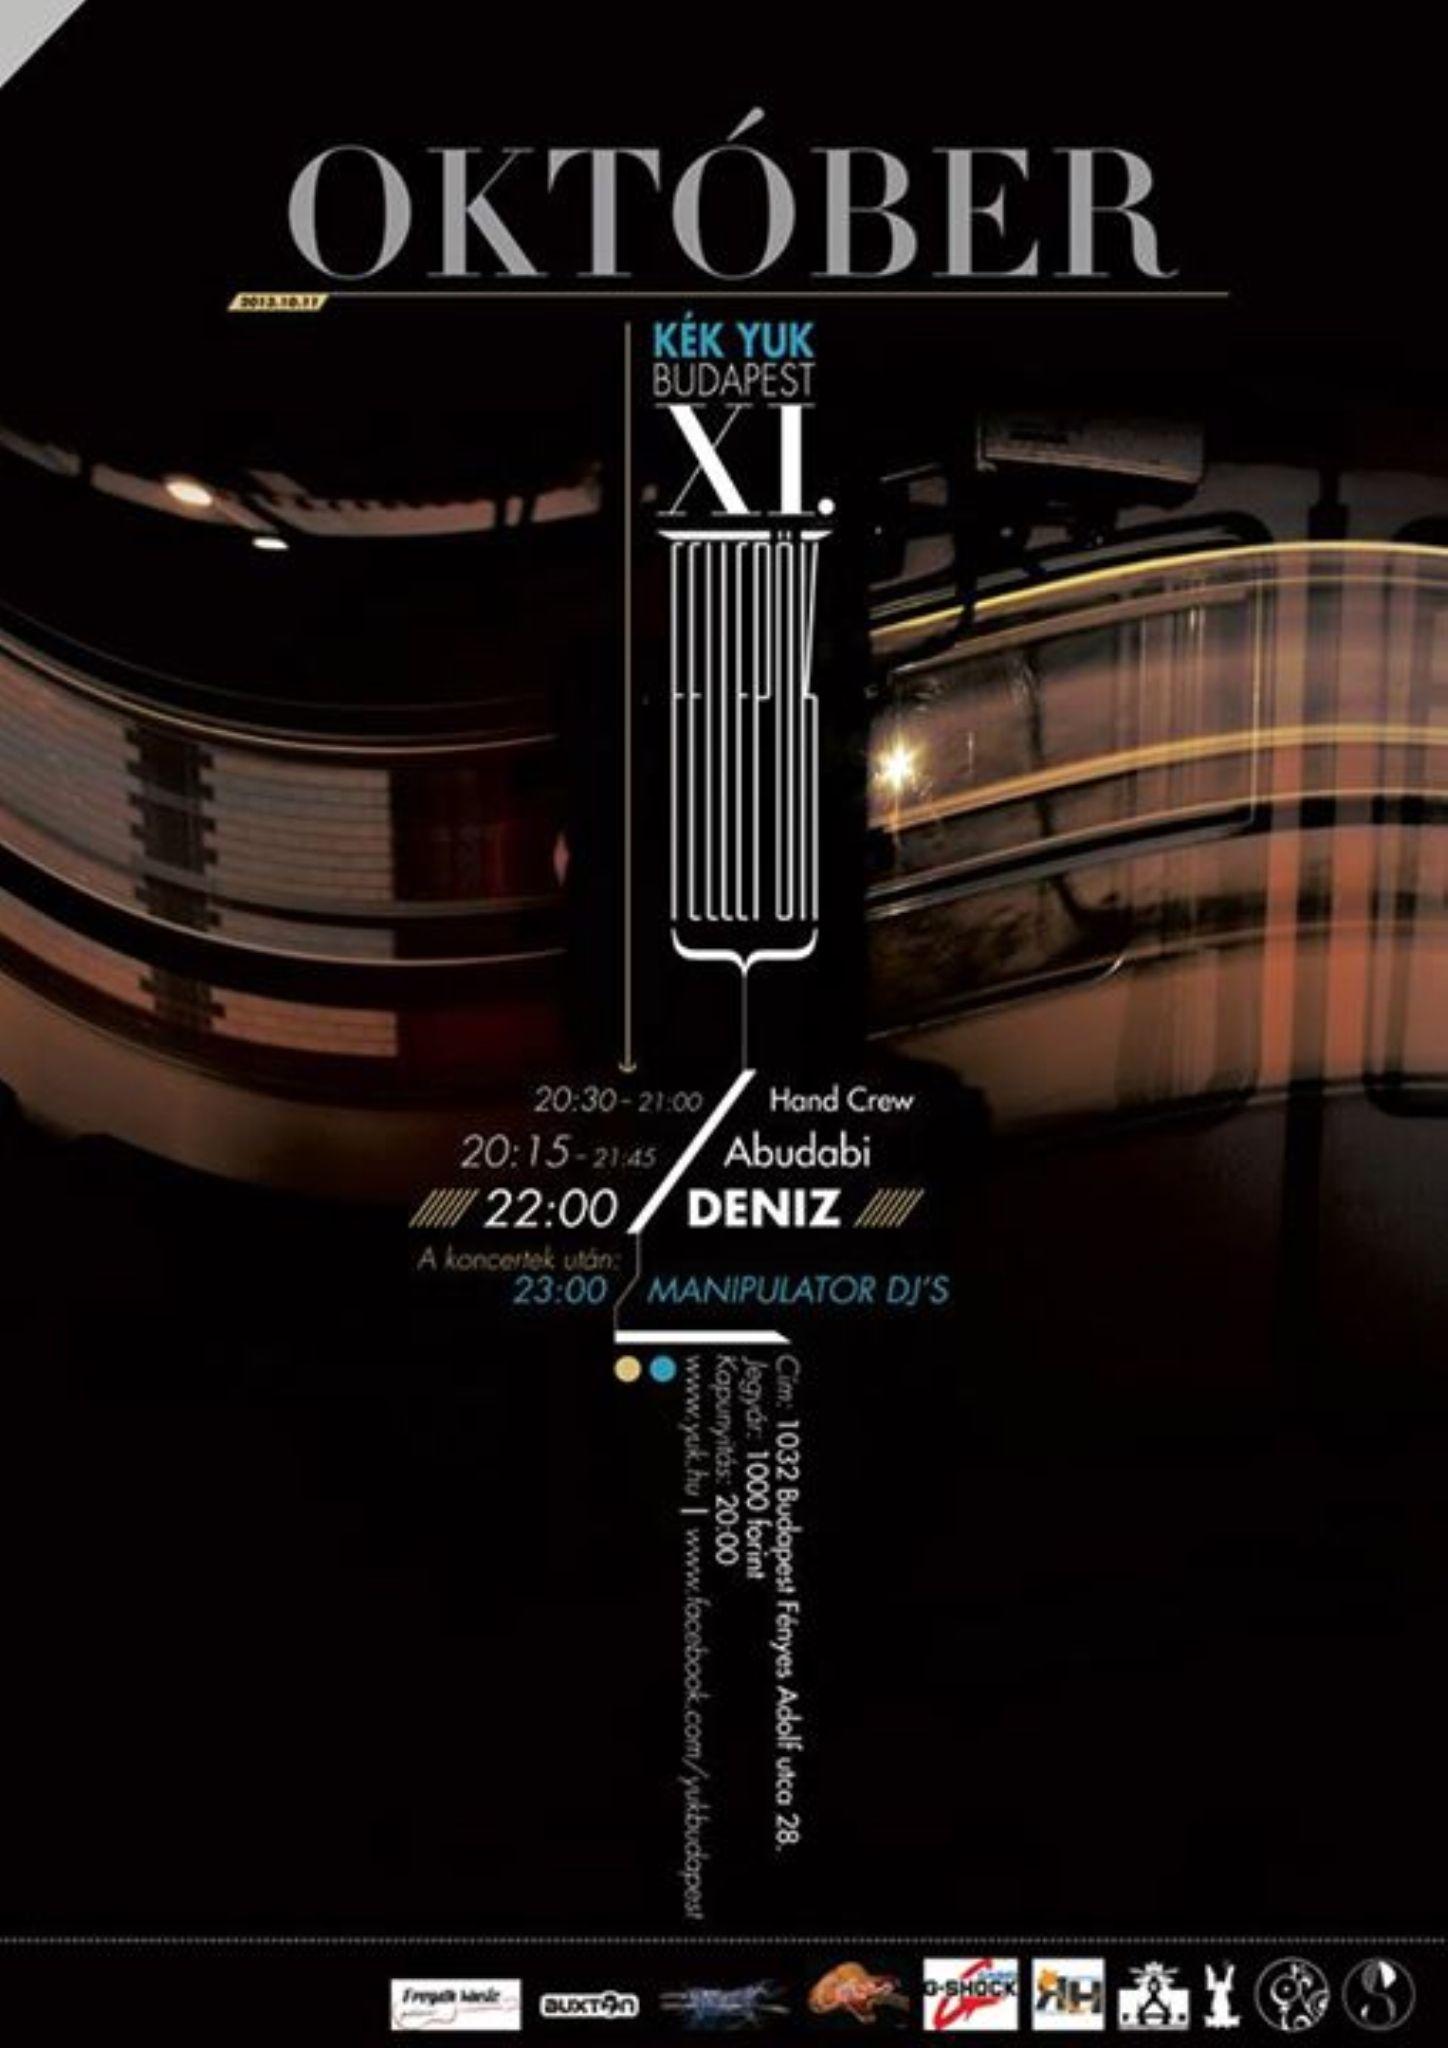 Concert poster by Archadié Studio